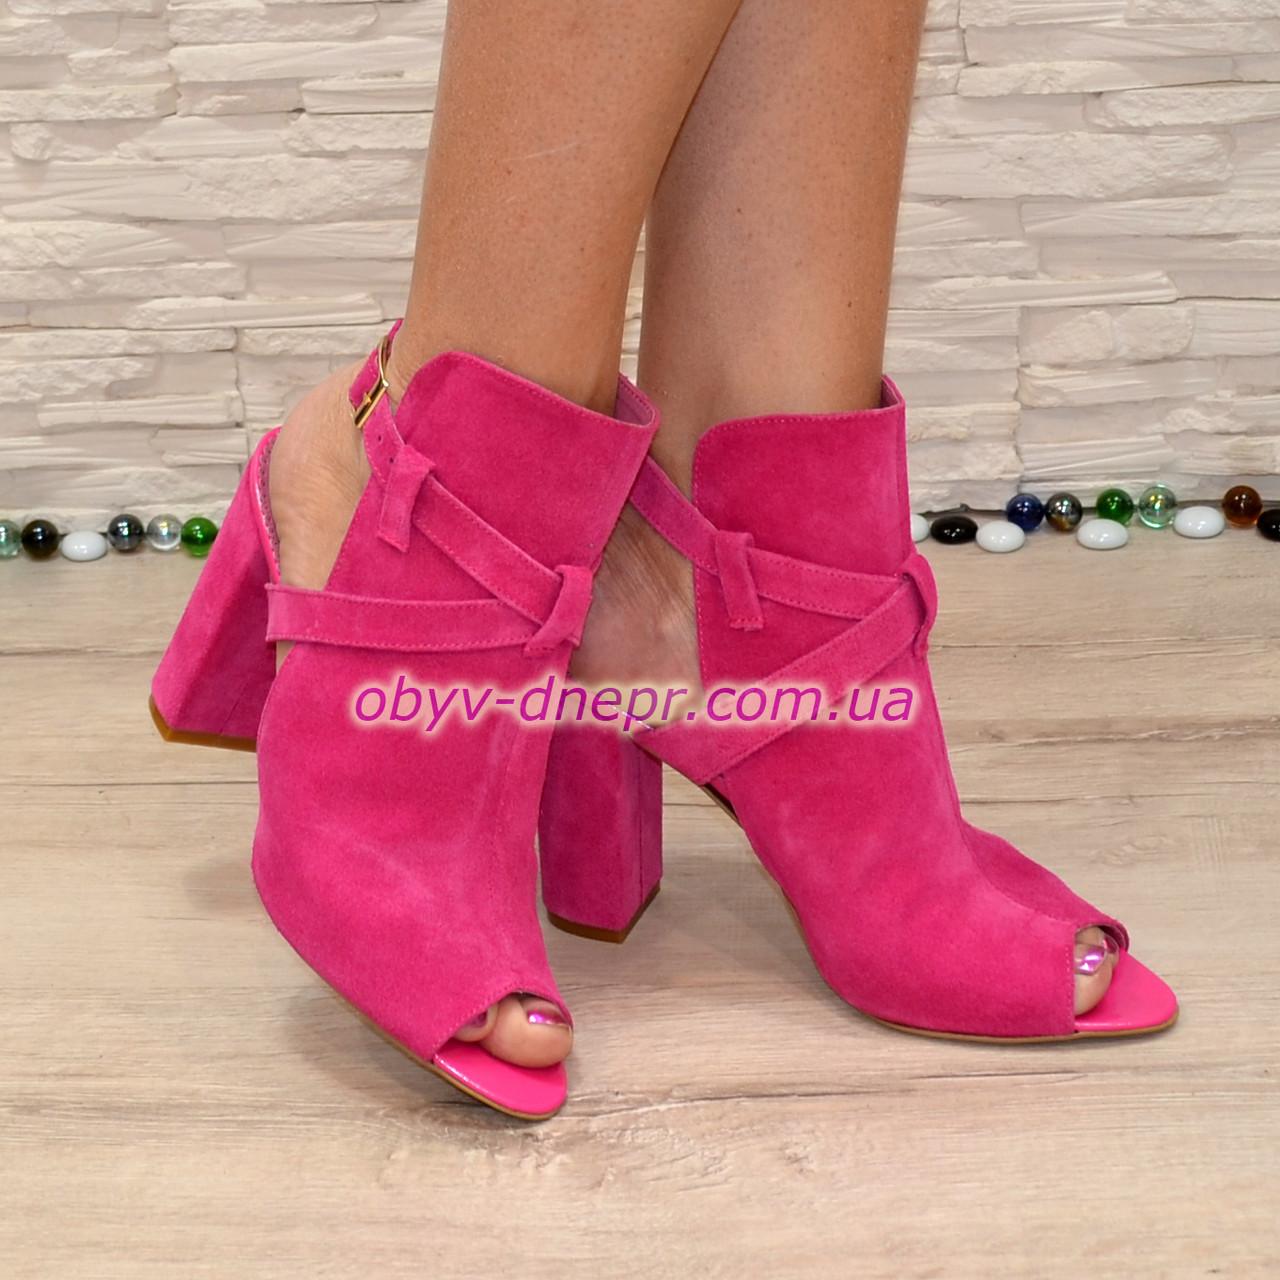 Женские замшевые босоножки на высоком устойчивом каблуке, цвет фуксия